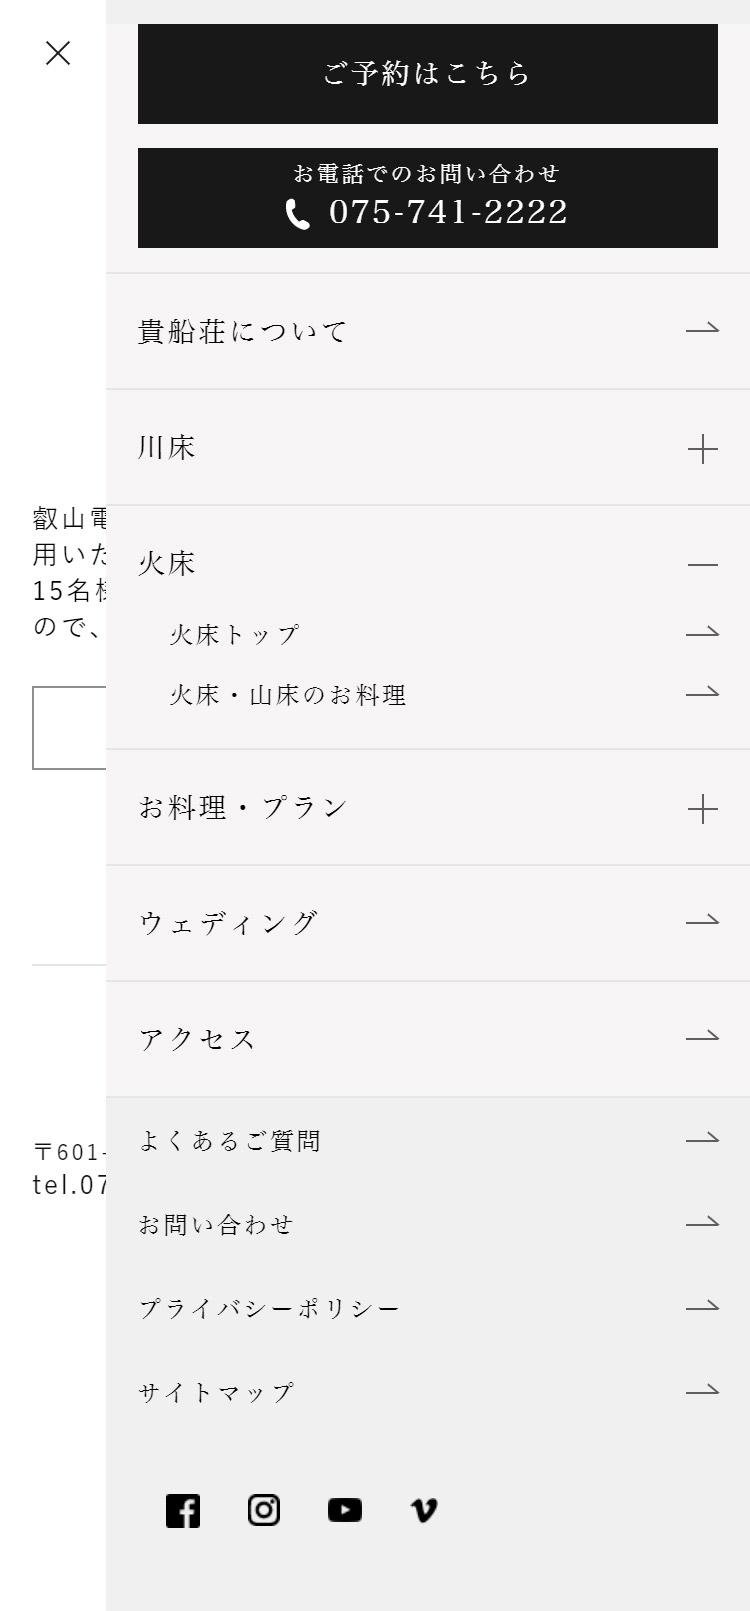 京都 貴船荘 メニュー